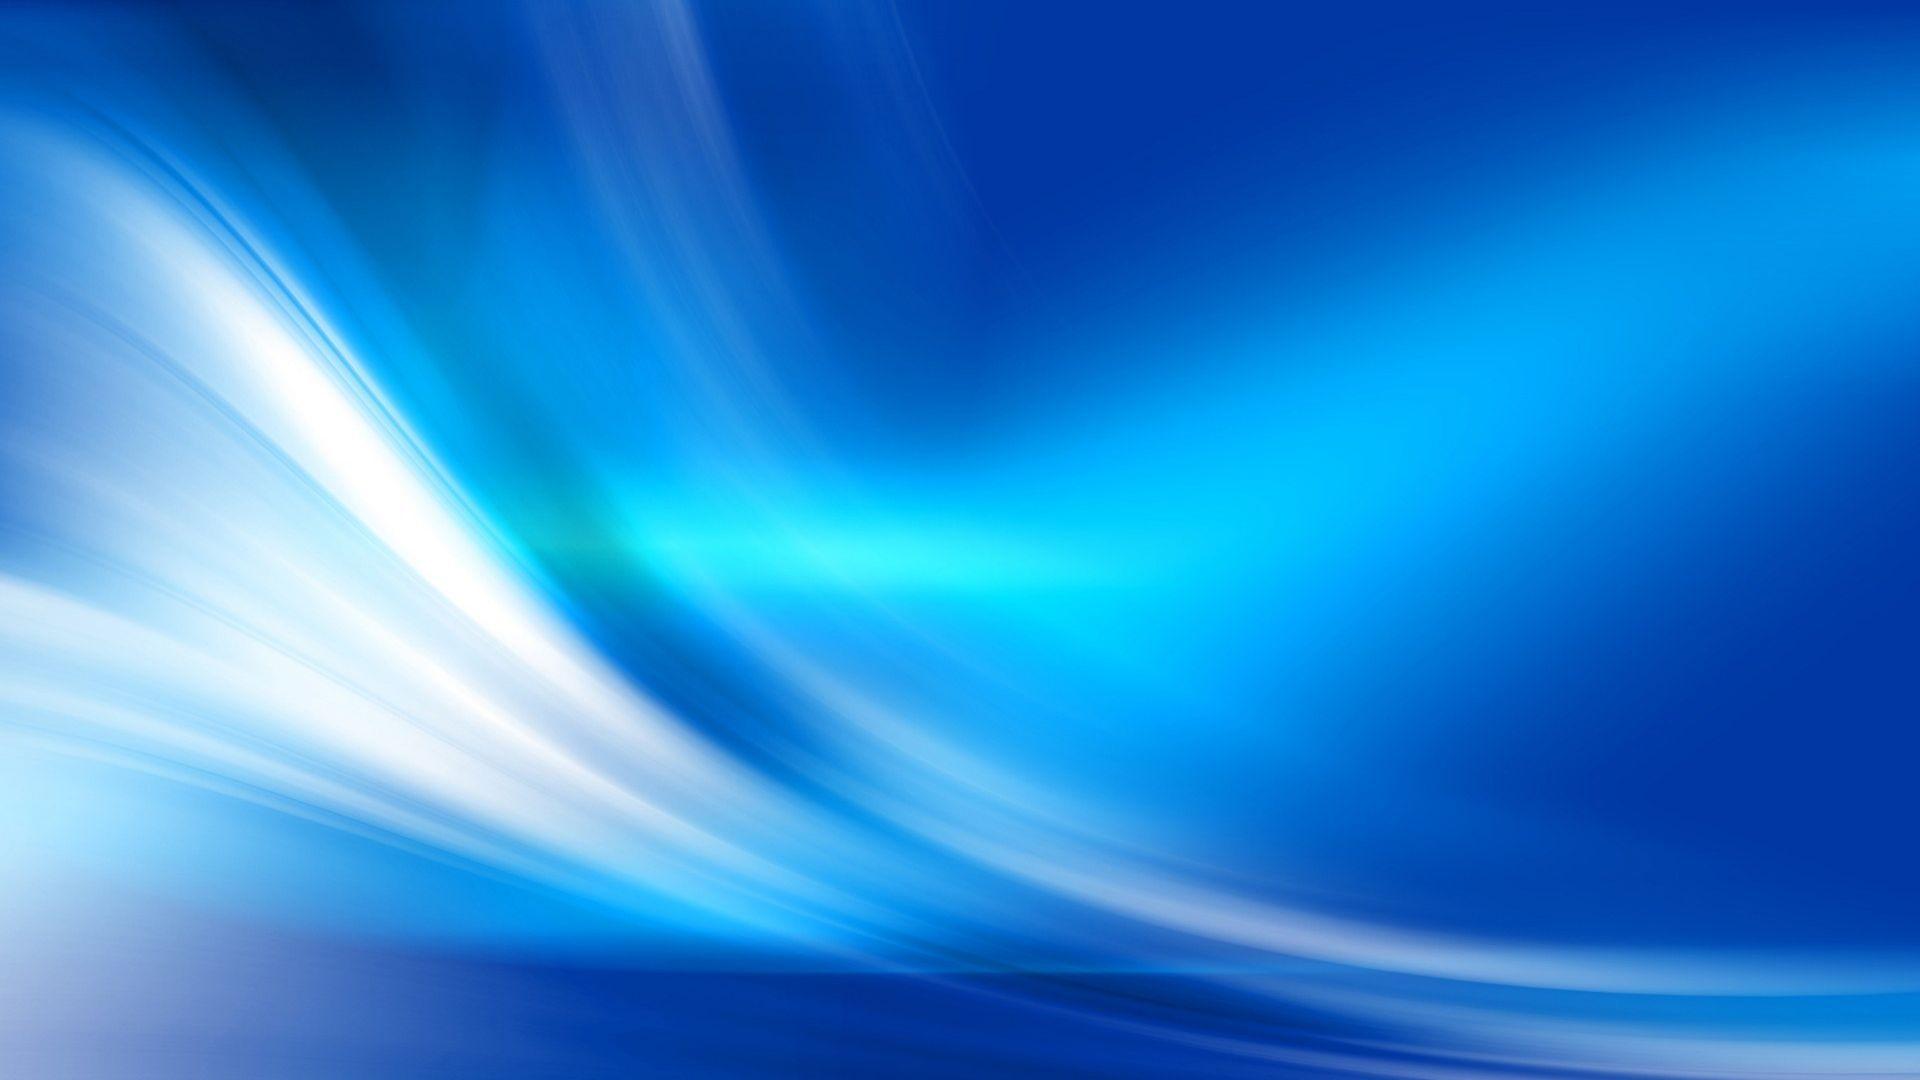 Download Baground Abstrak Biru Wallpaper Abstrak Abstrak Foto Abstrak